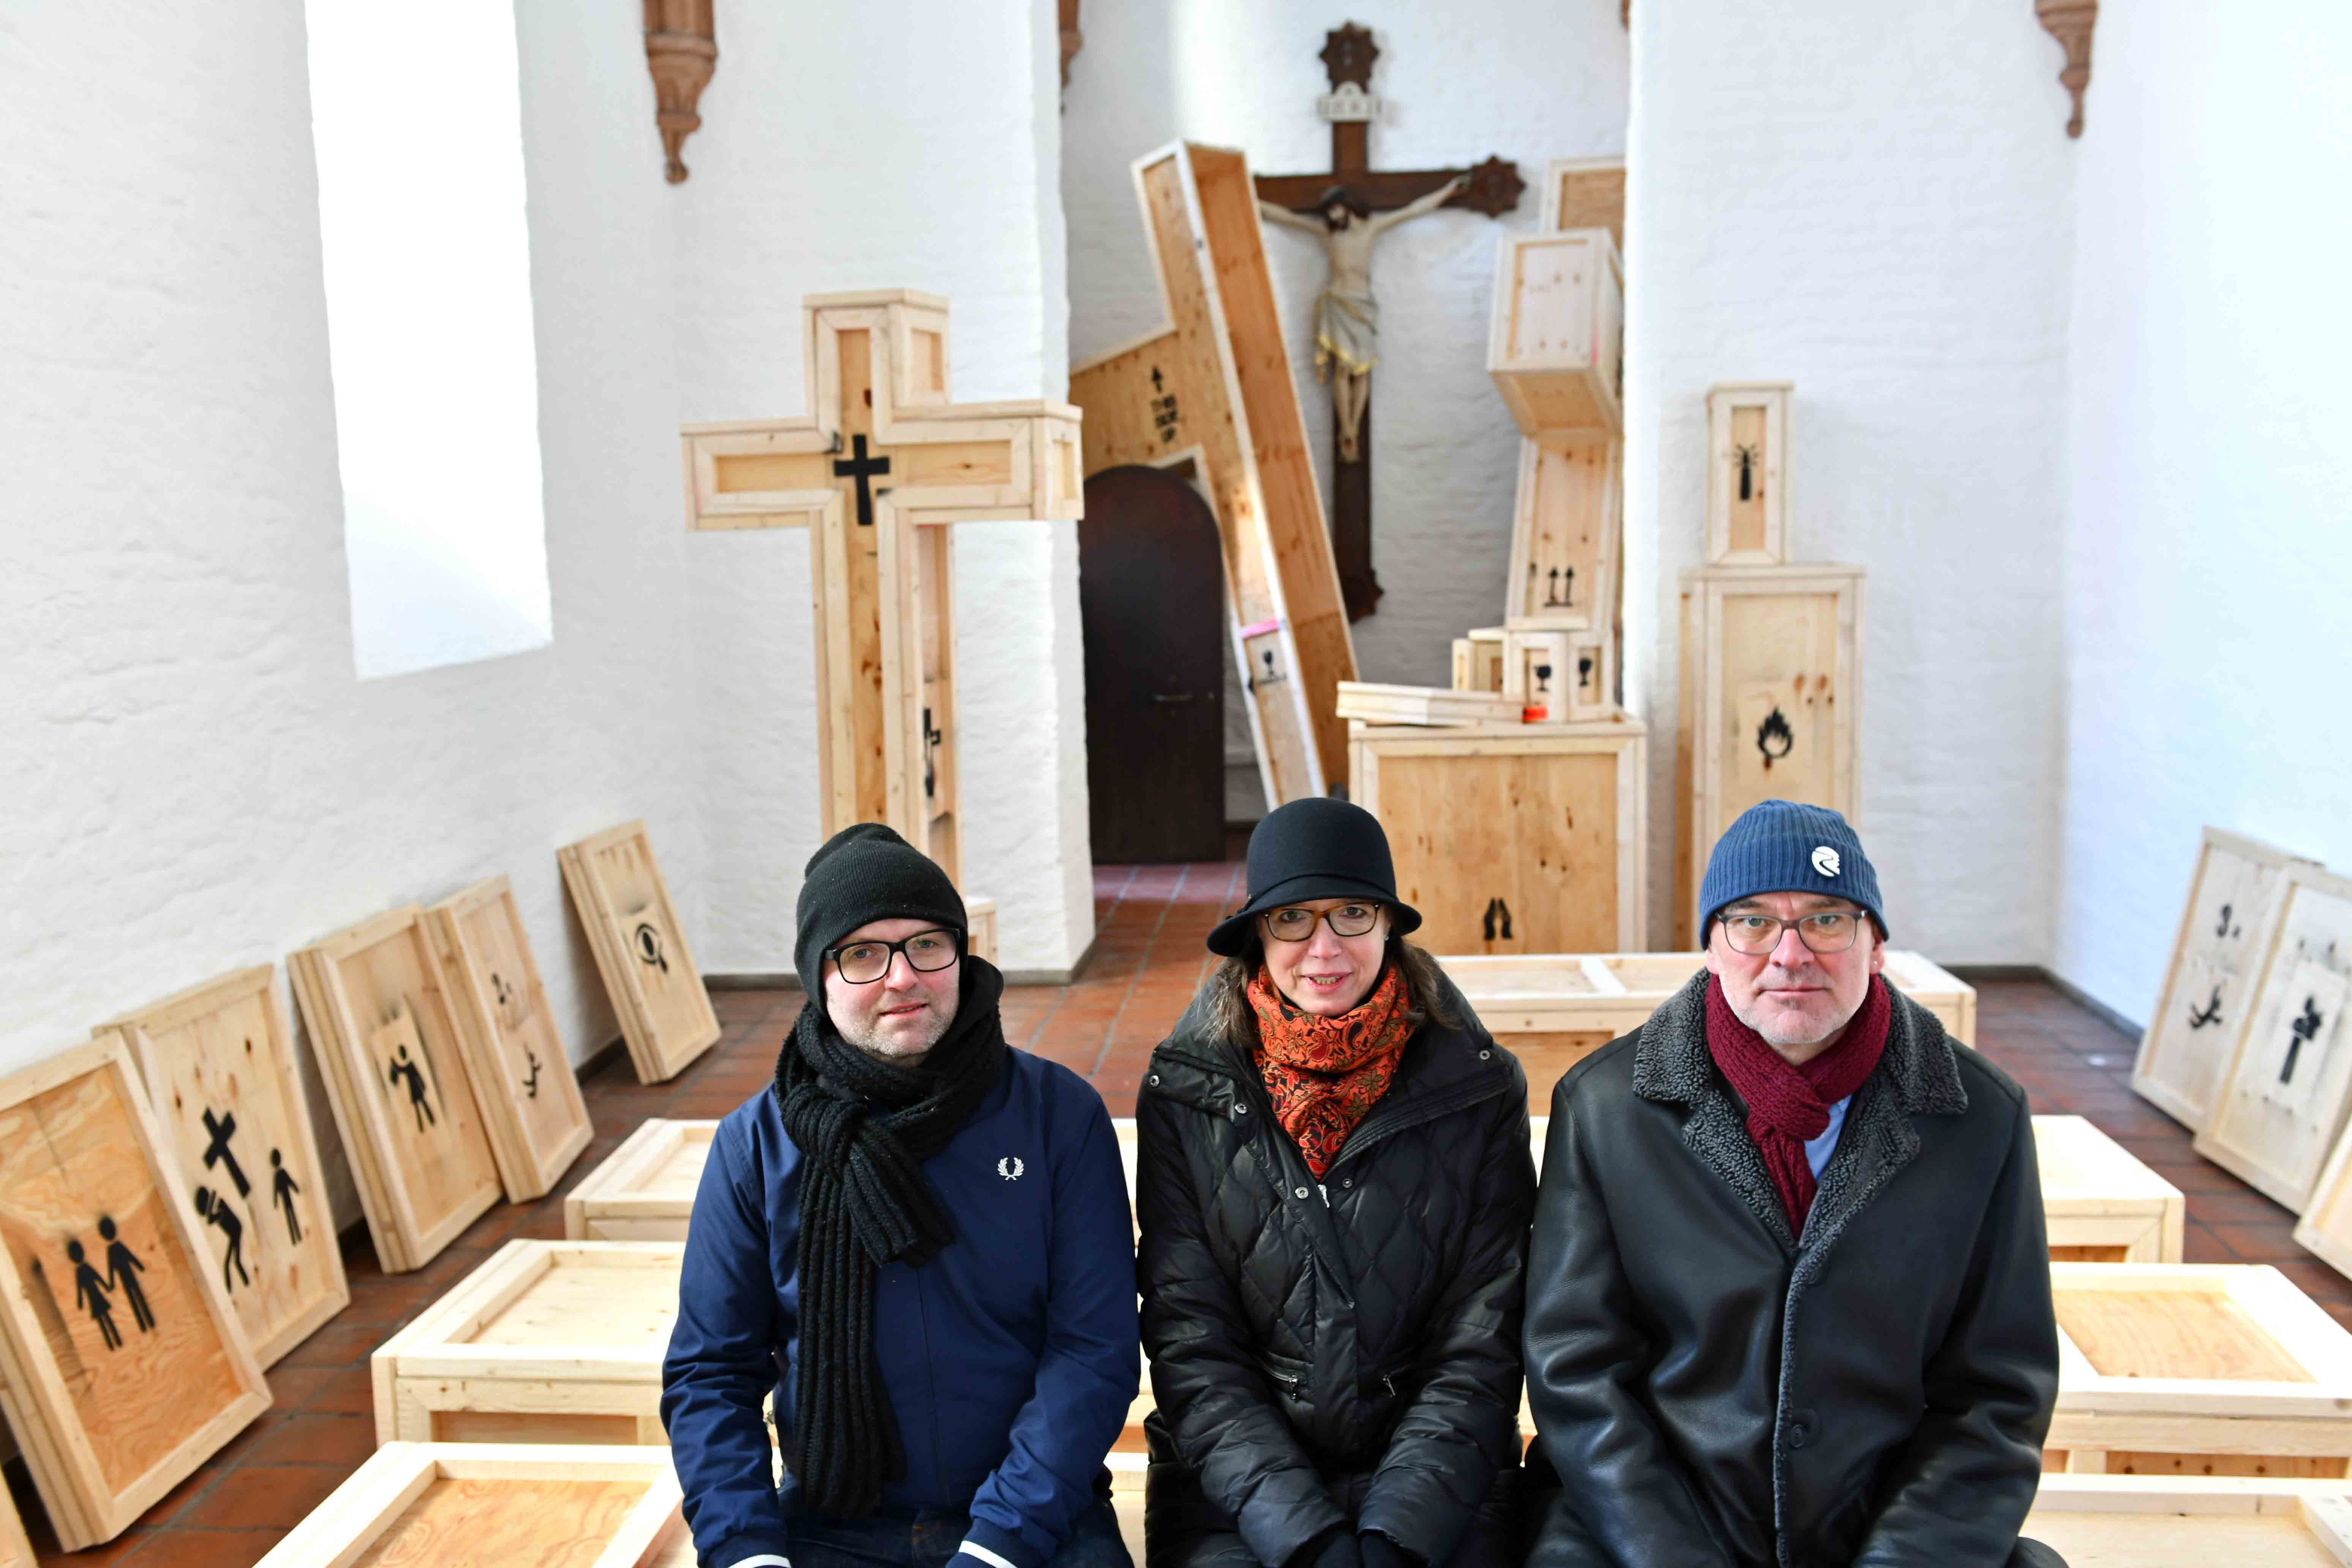 Rauminstallation in der St. Severinskapelle mit den Künstlern Torsten Mühlbach (l.), Bruno Wank (r.) und Kuratorin Doris Kettner. (Foto: Nicolas Schnall / pba)